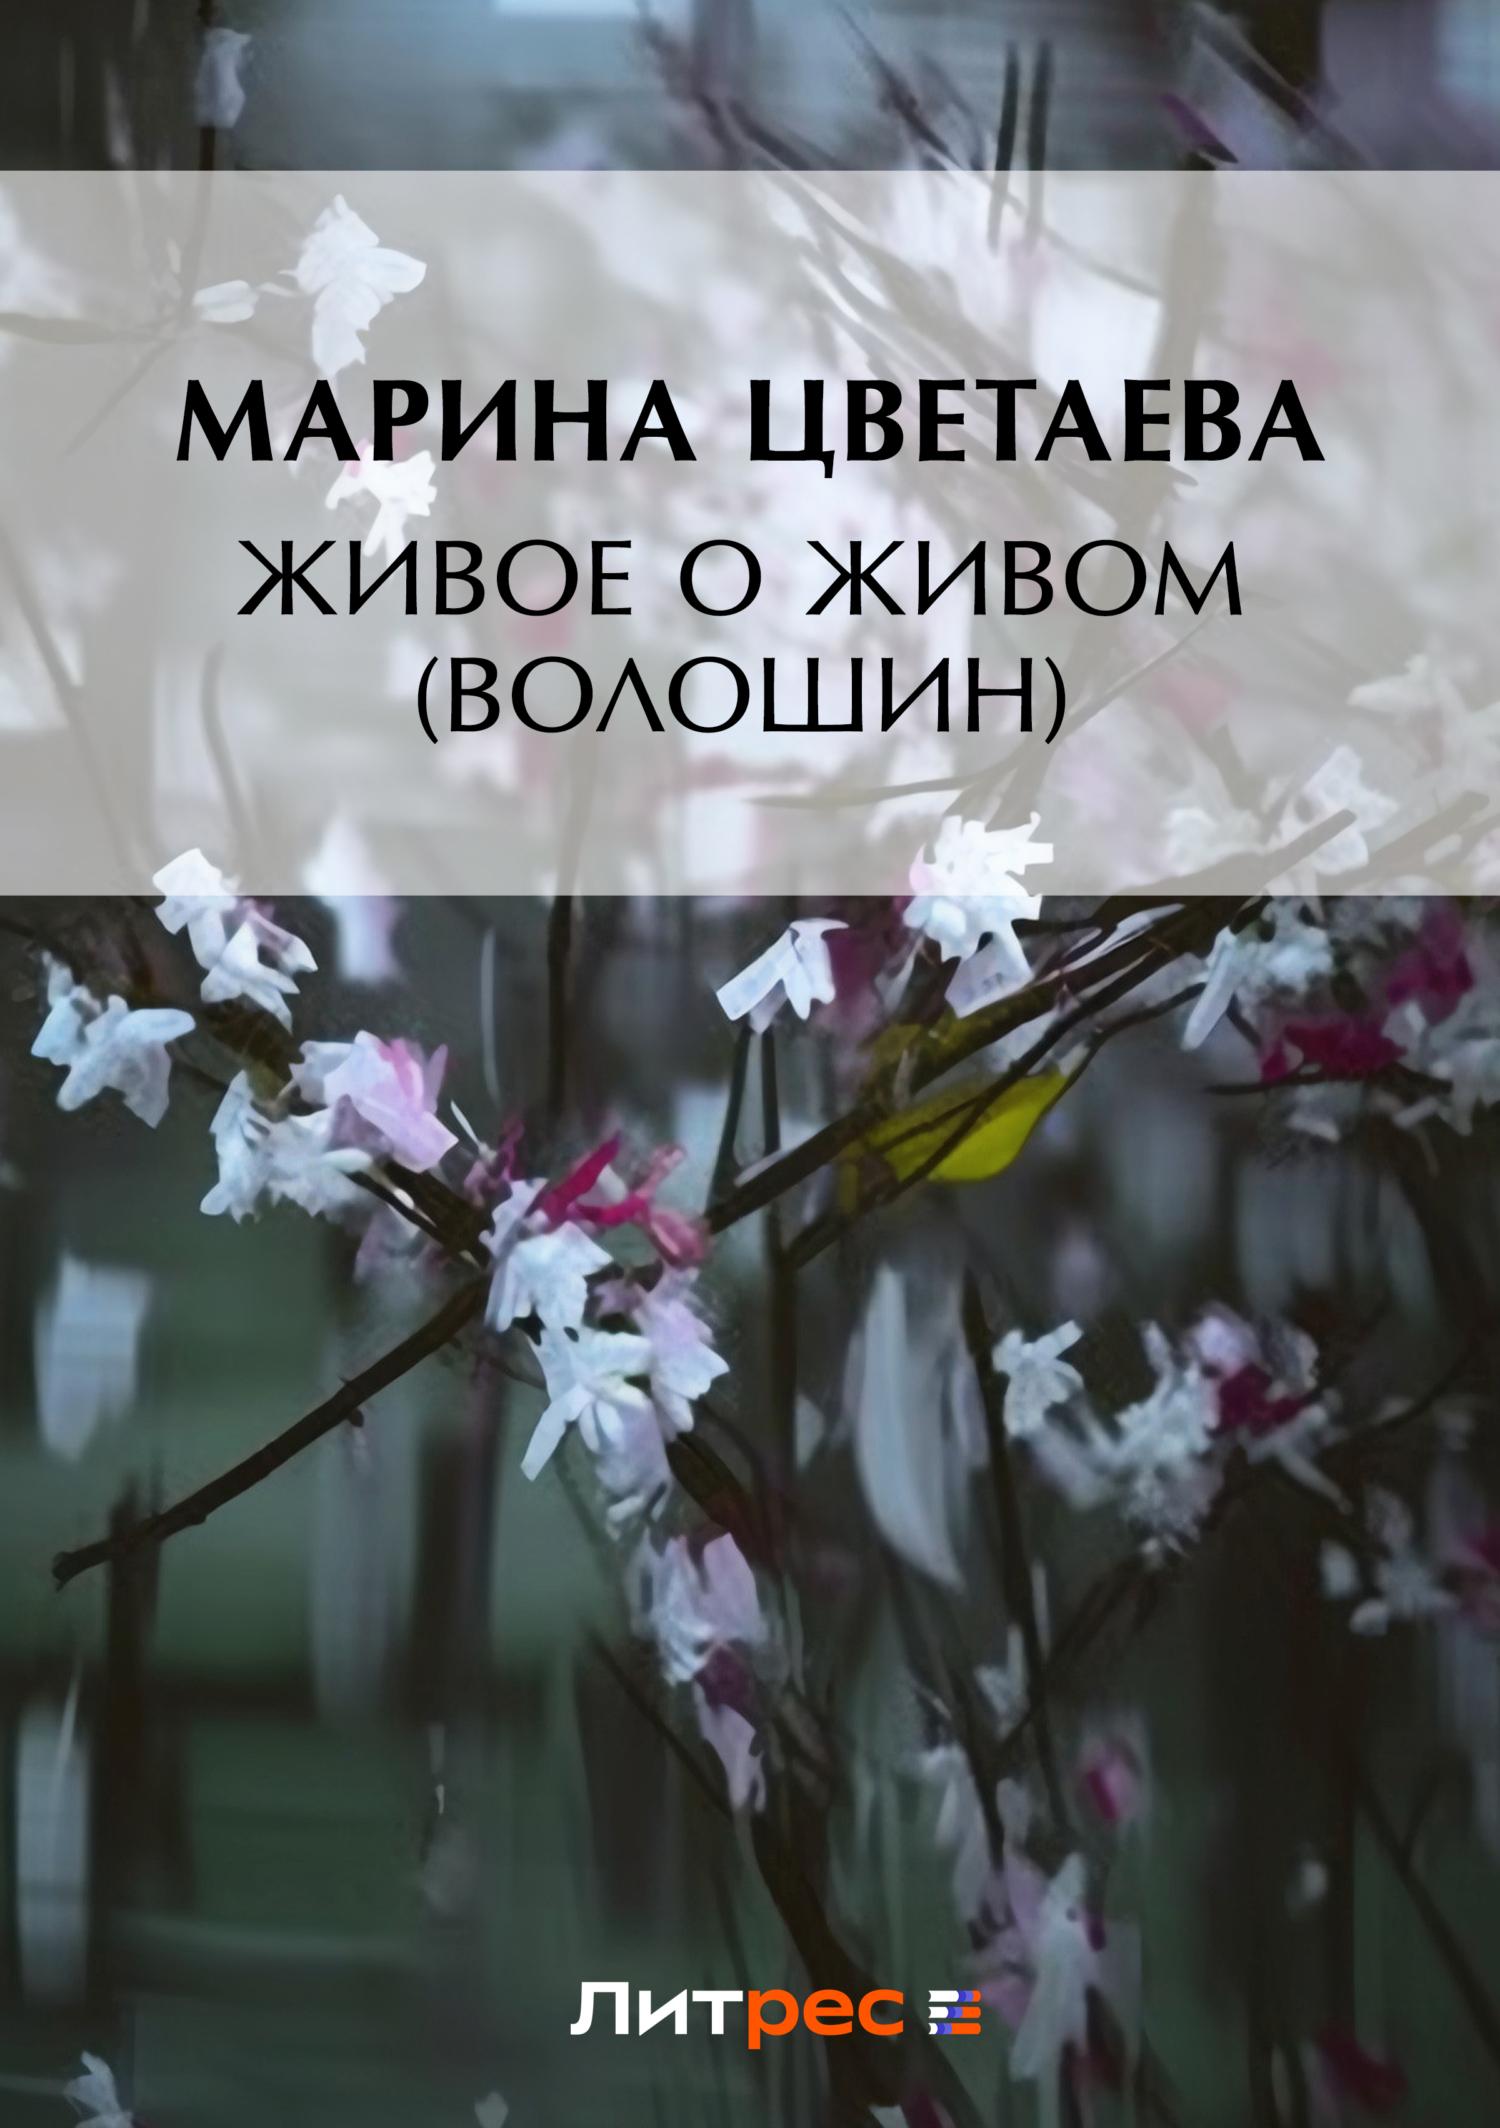 Марина Цветаева Живое о живом (Волошин)